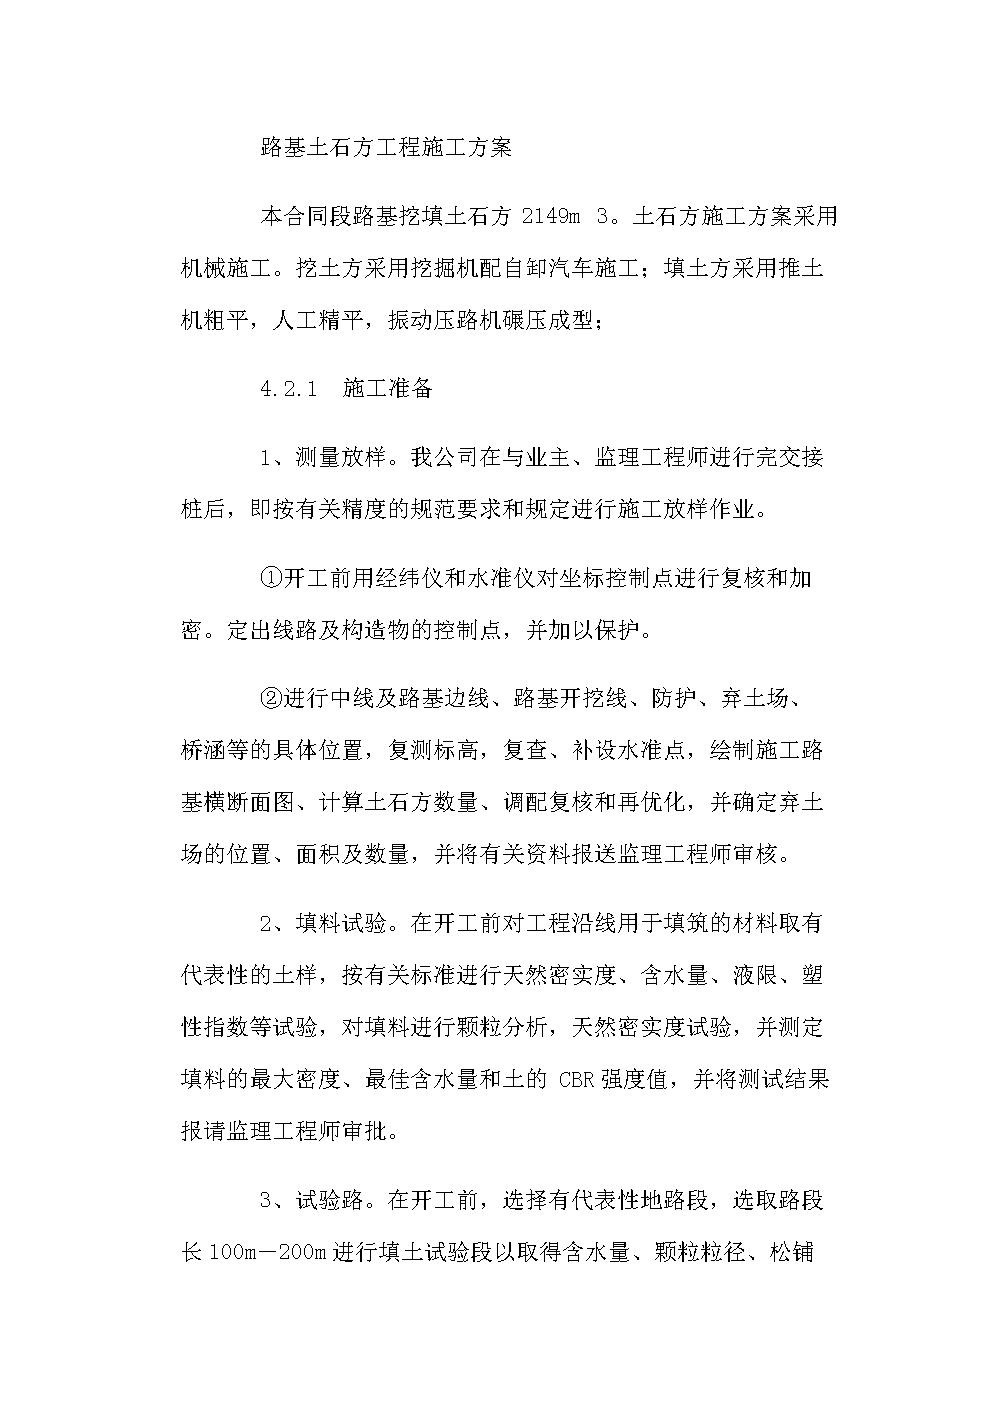 路基土石方工程施工方案xxx.docx